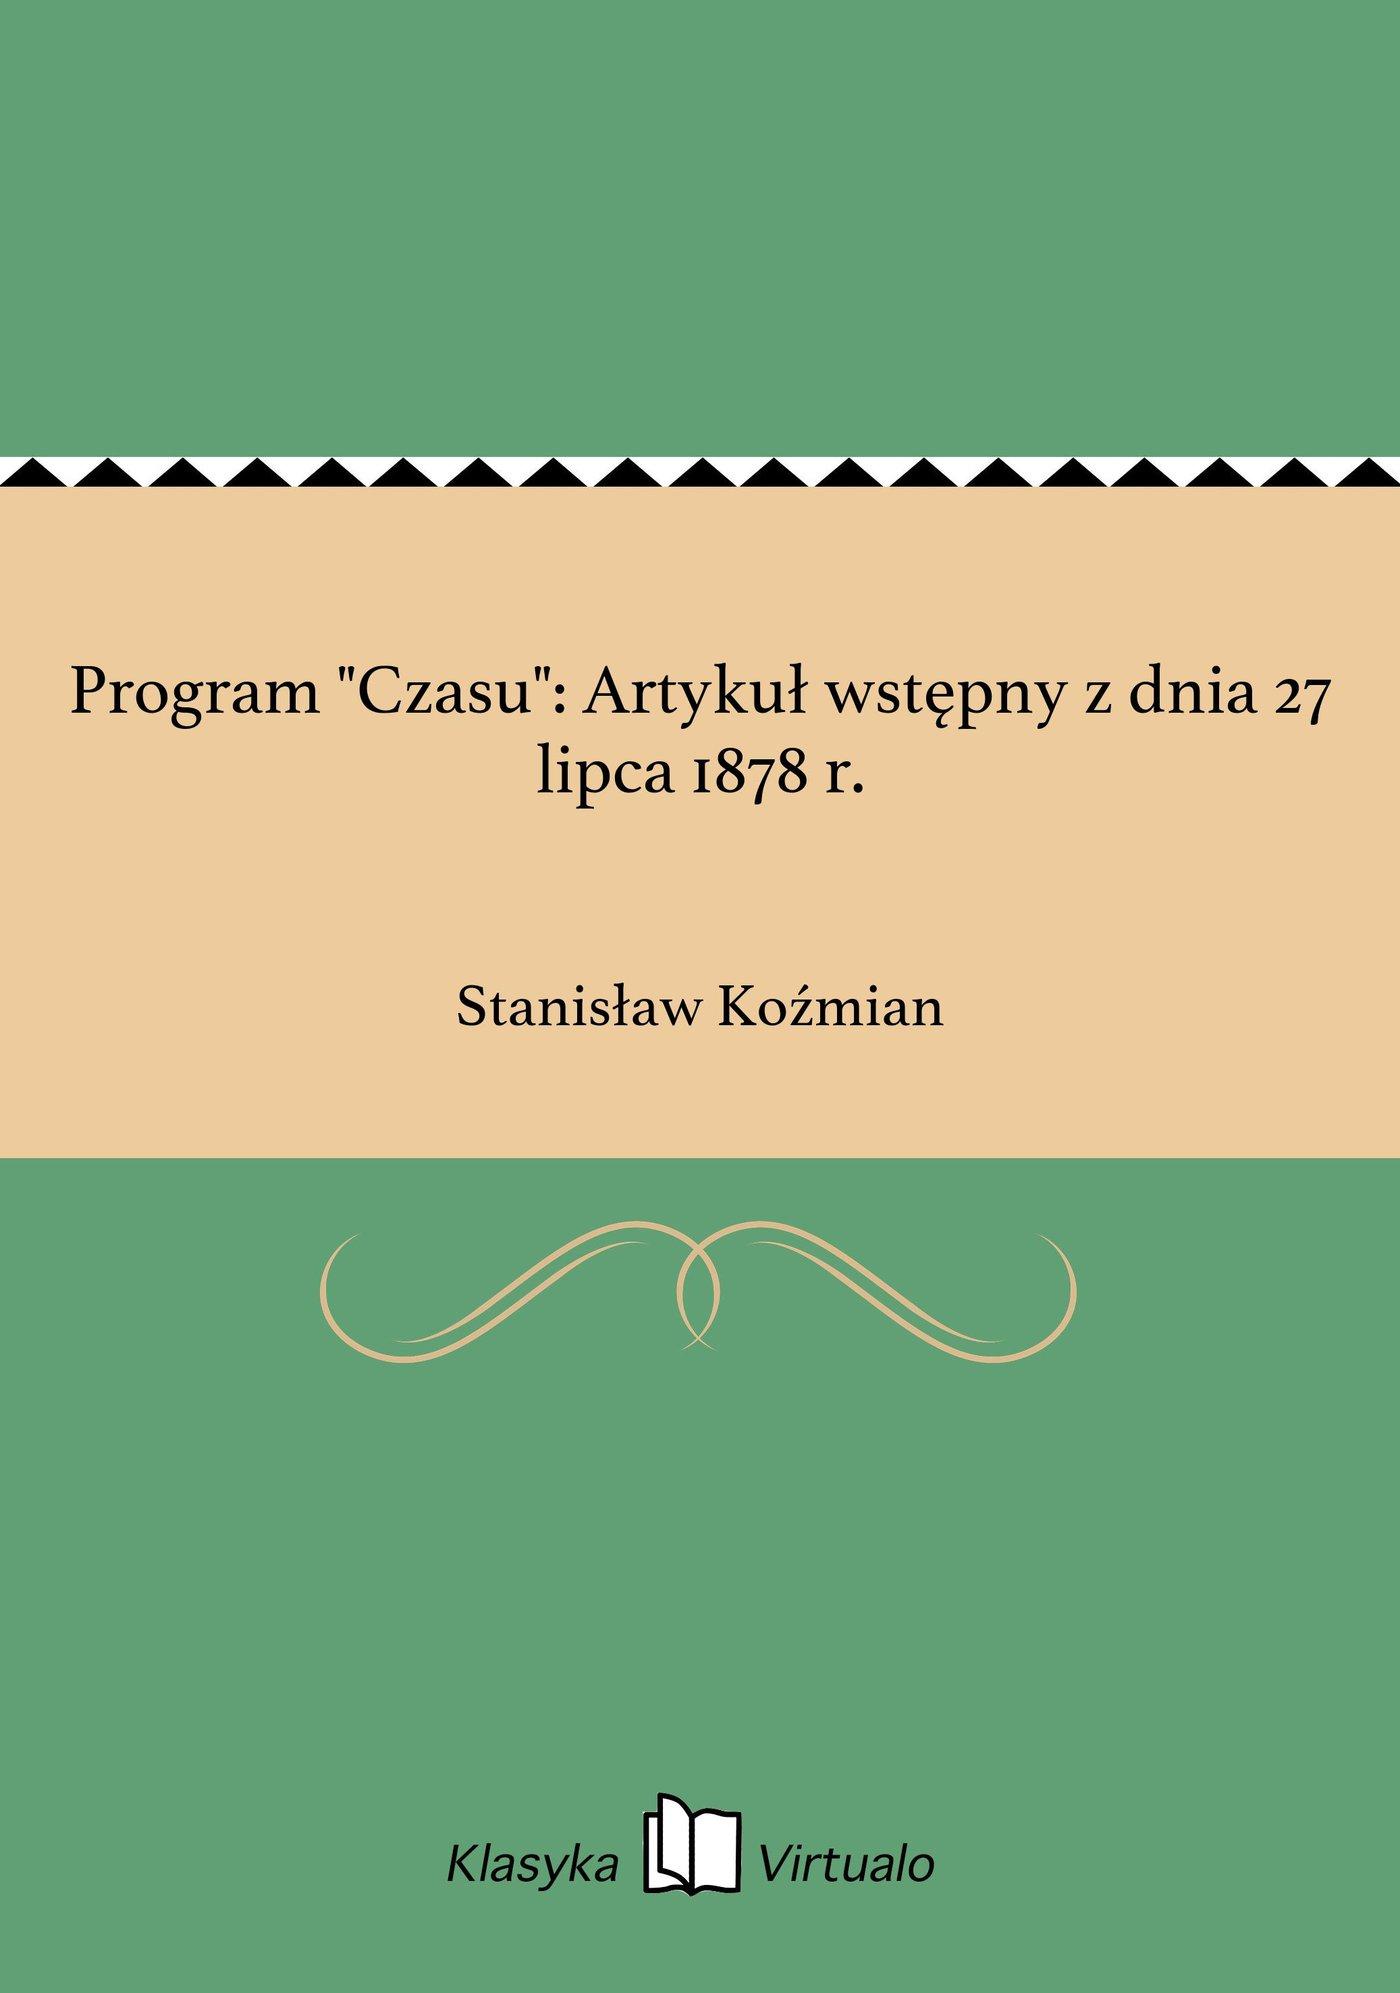 """Program """"Czasu"""": Artykuł wstępny z dnia 27 lipca 1878 r. - Ebook (Książka EPUB) do pobrania w formacie EPUB"""